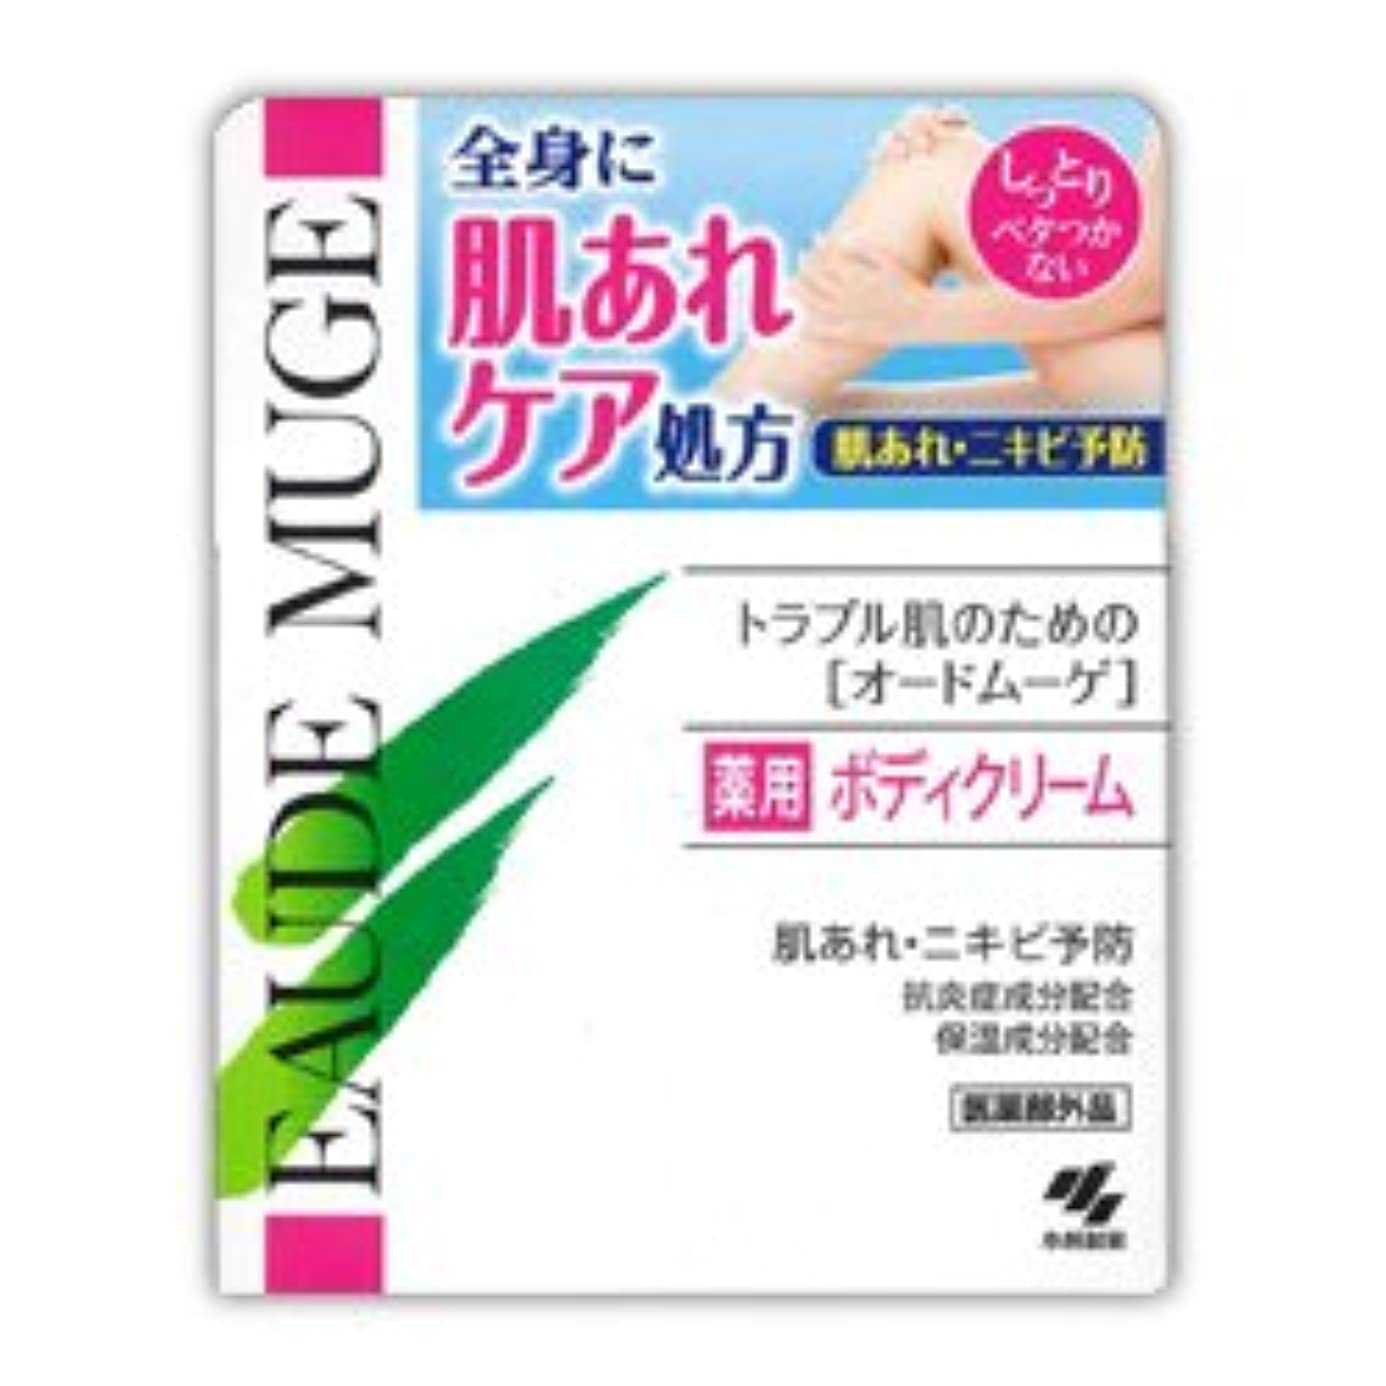 インストール水銀のシュート【小林製薬】オードムーゲ 薬用ボディクリーム 160g(医薬部外品)